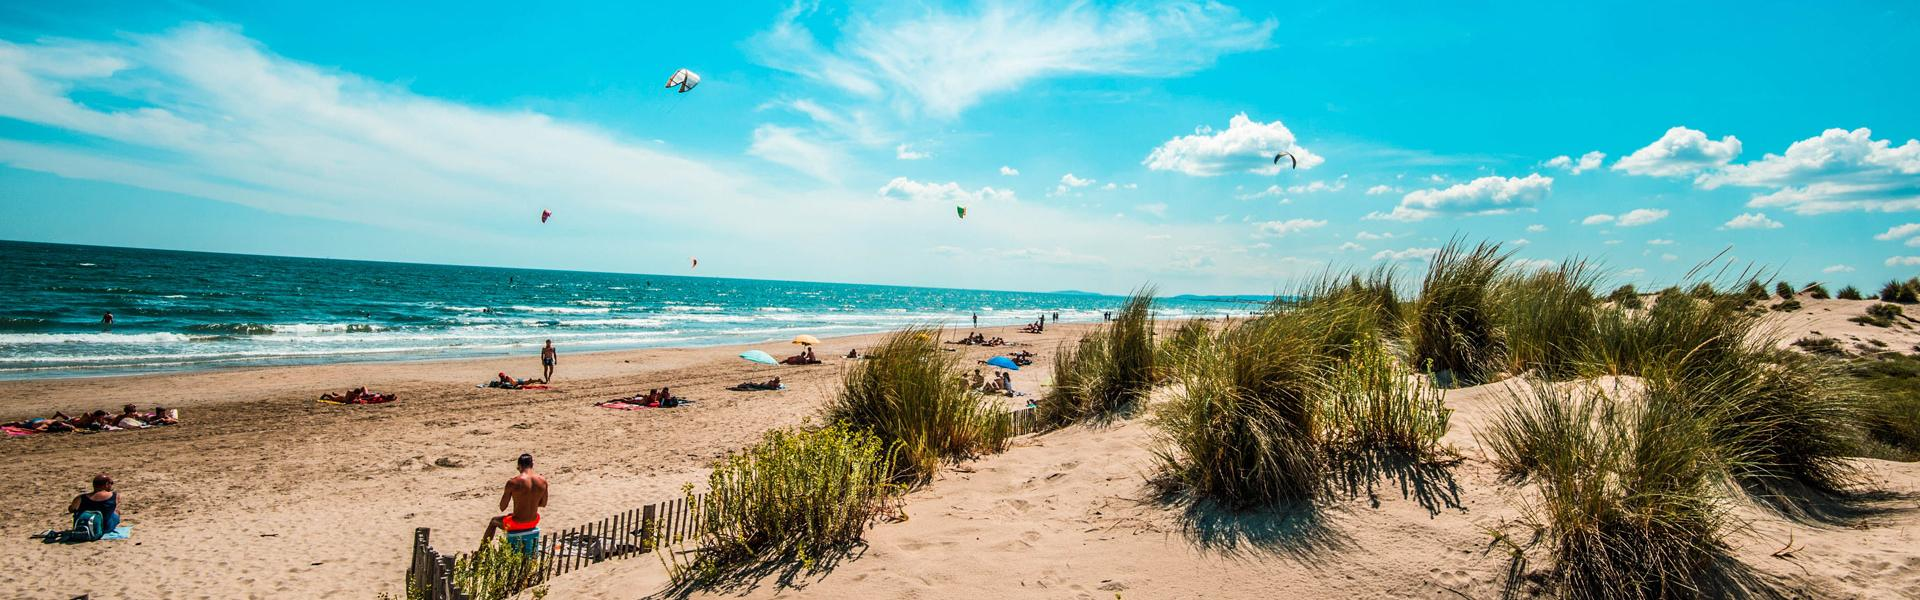 La plage de Carnon